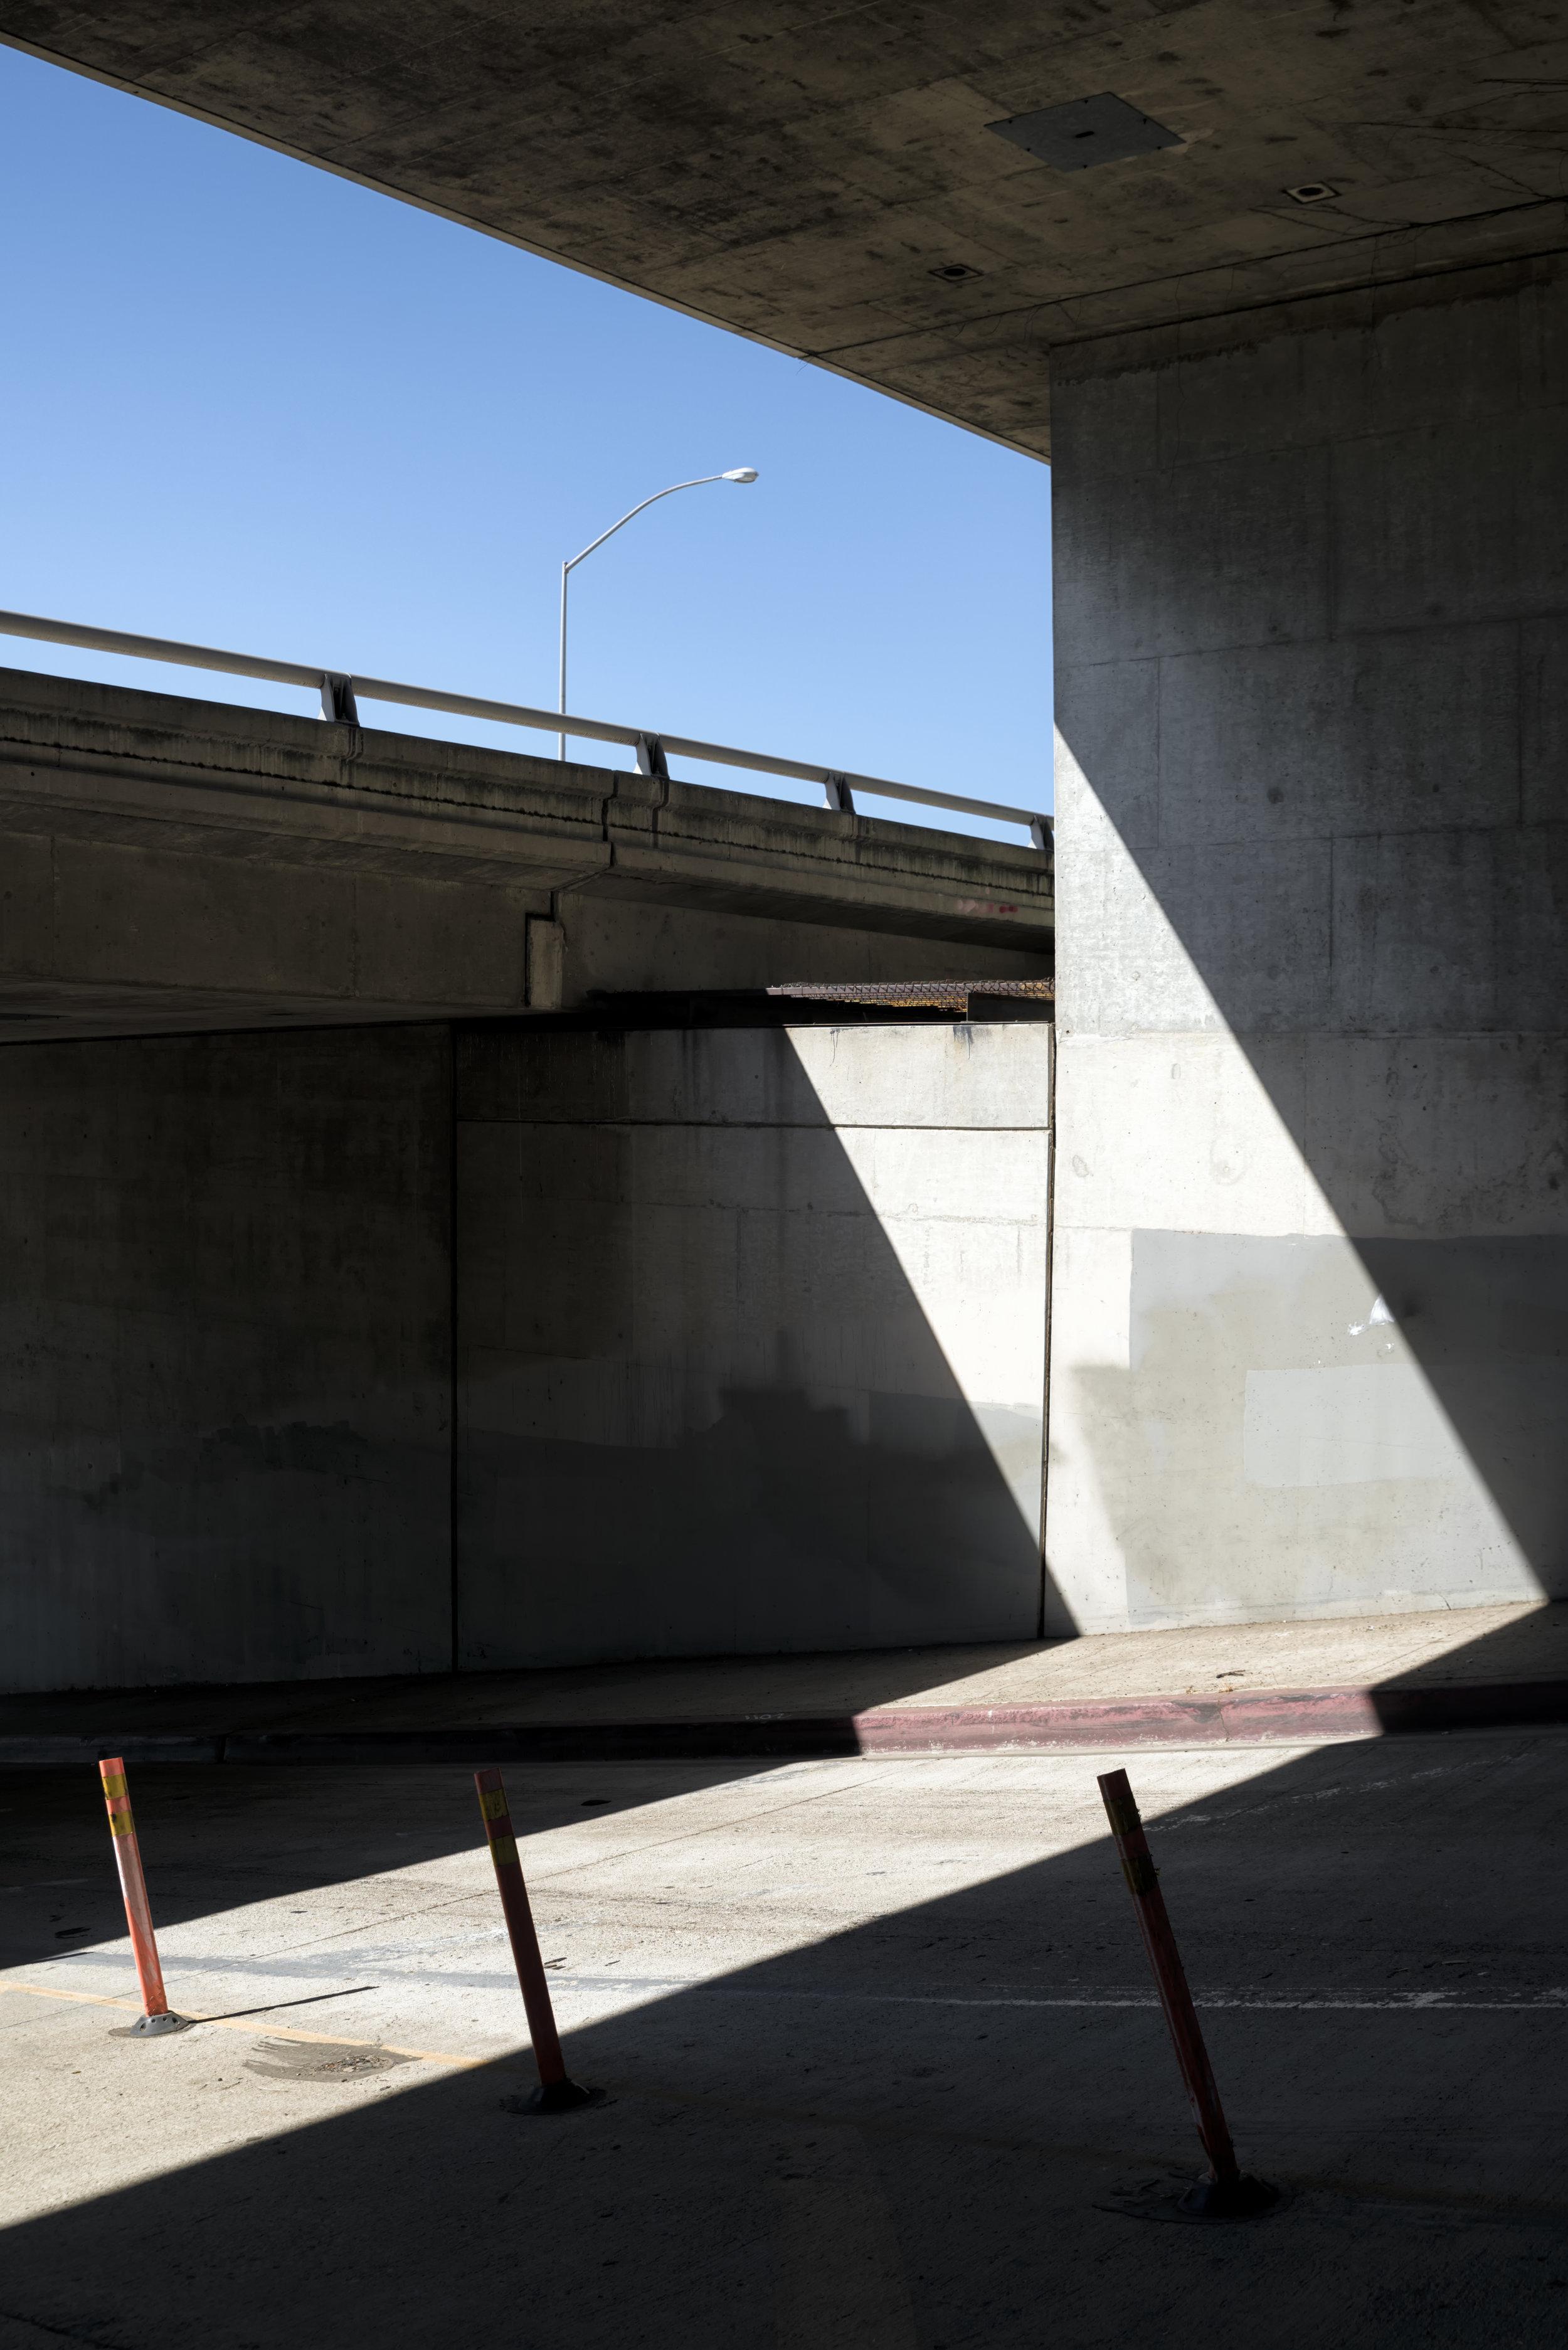 Sassafras Street Underpass